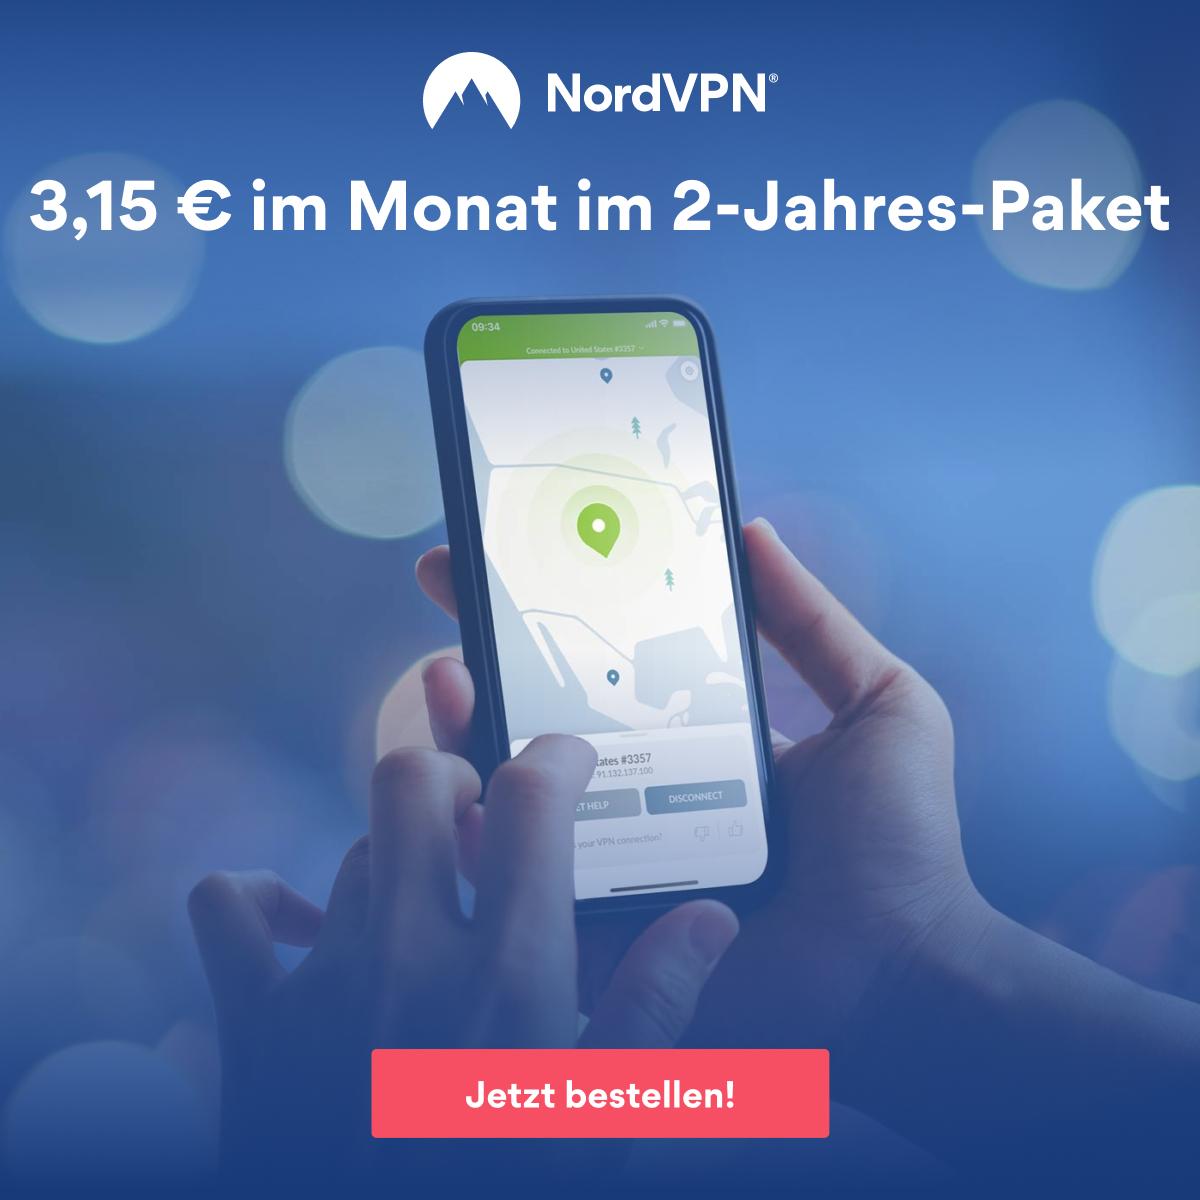 Jetzt NordVPN bestellen!